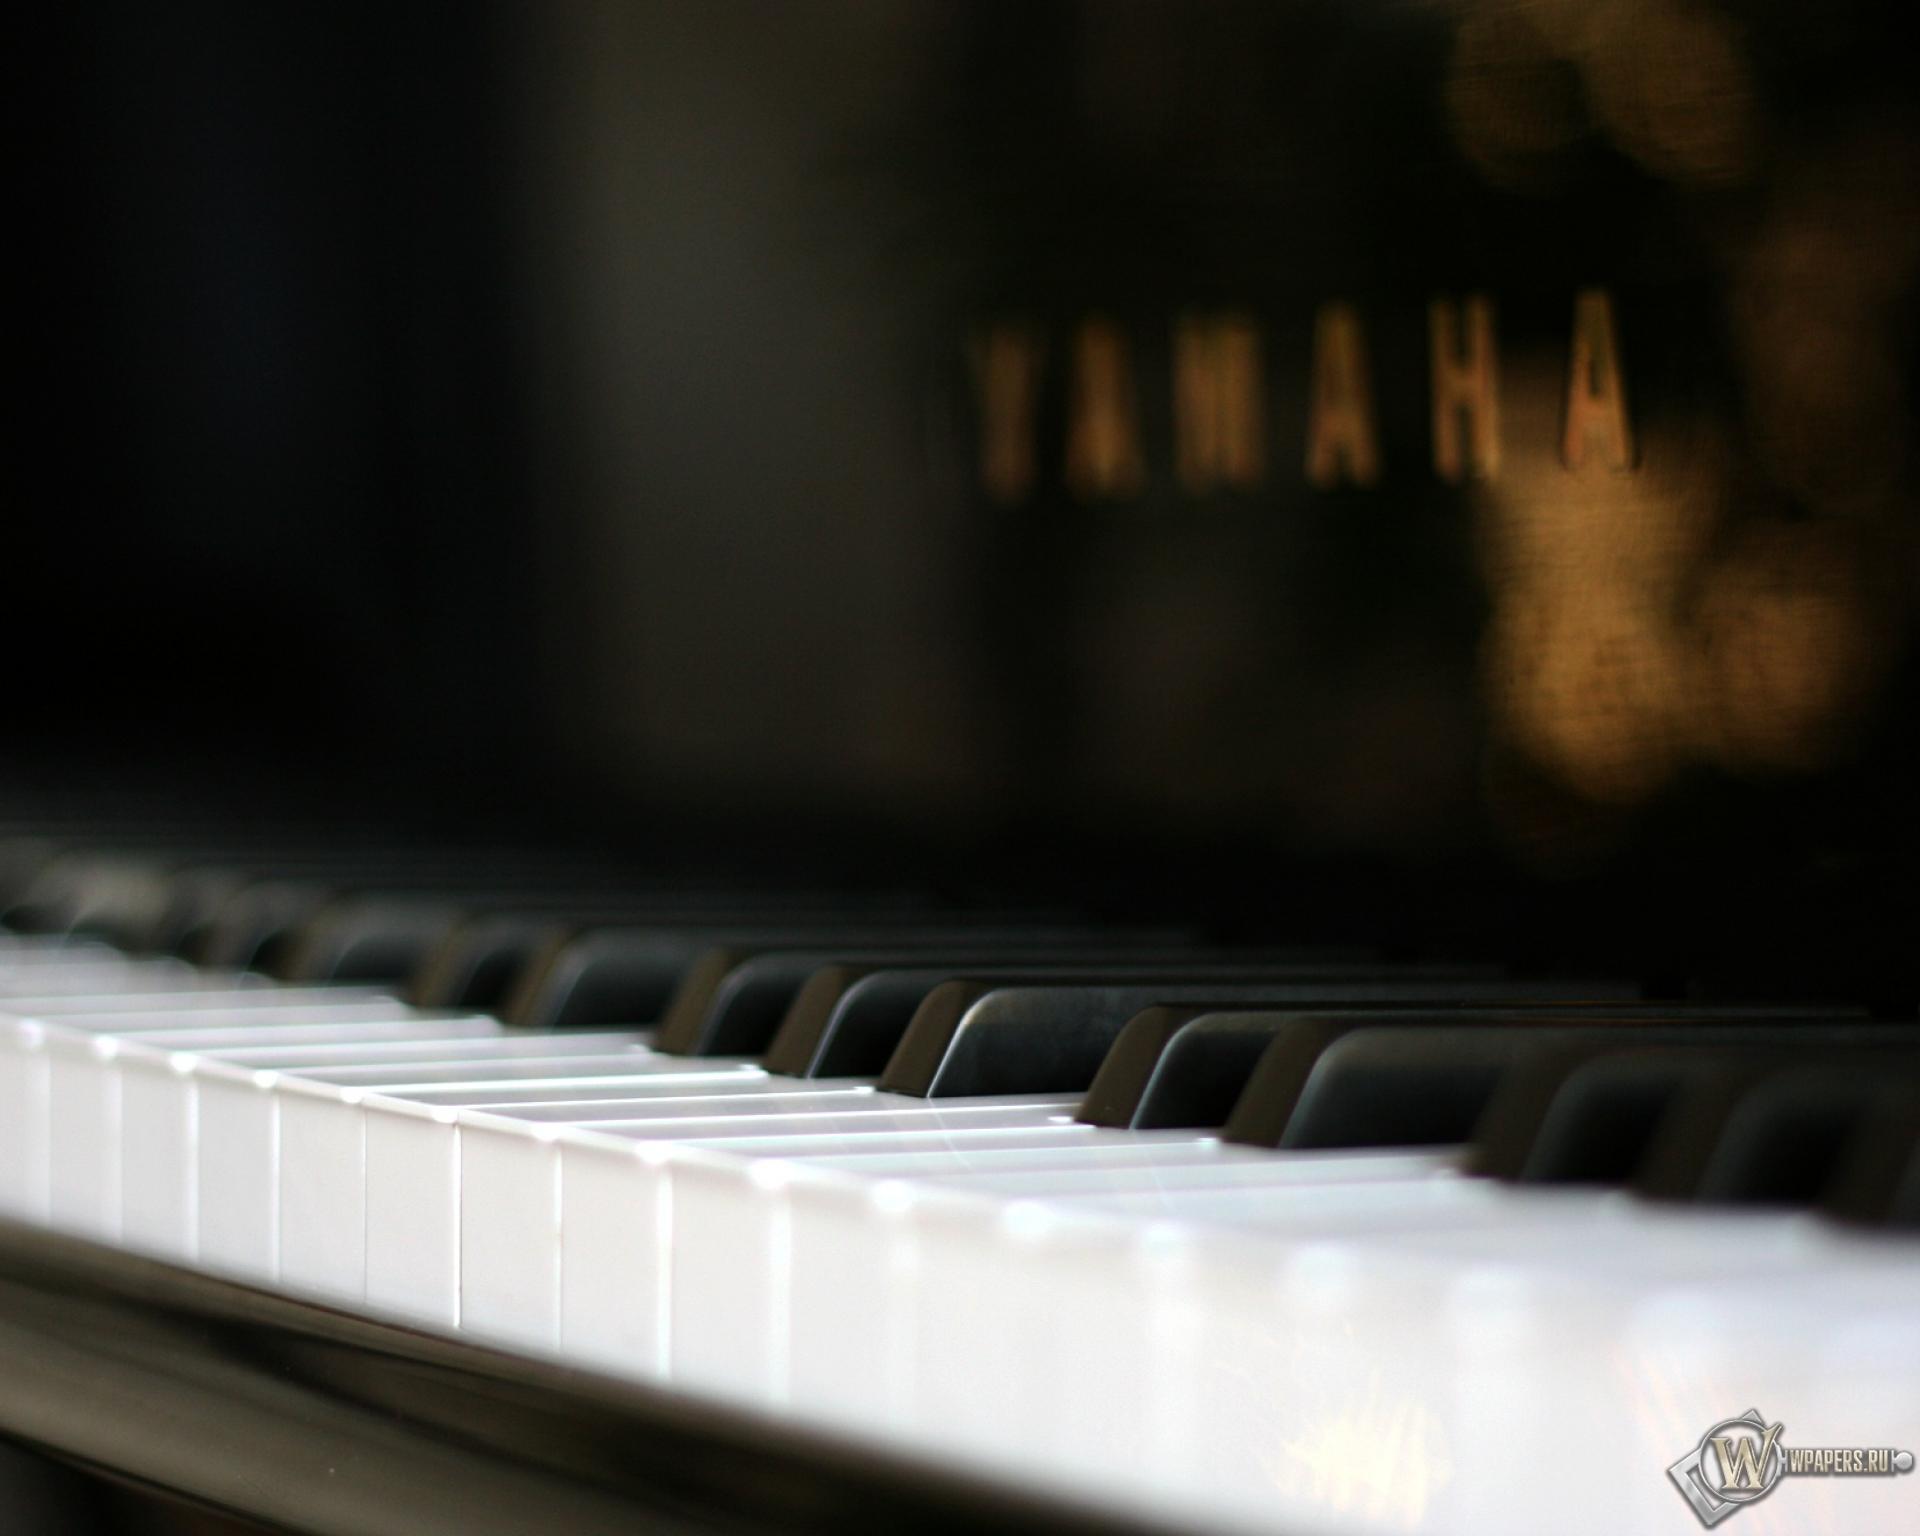 Пианино  № 1529589 загрузить